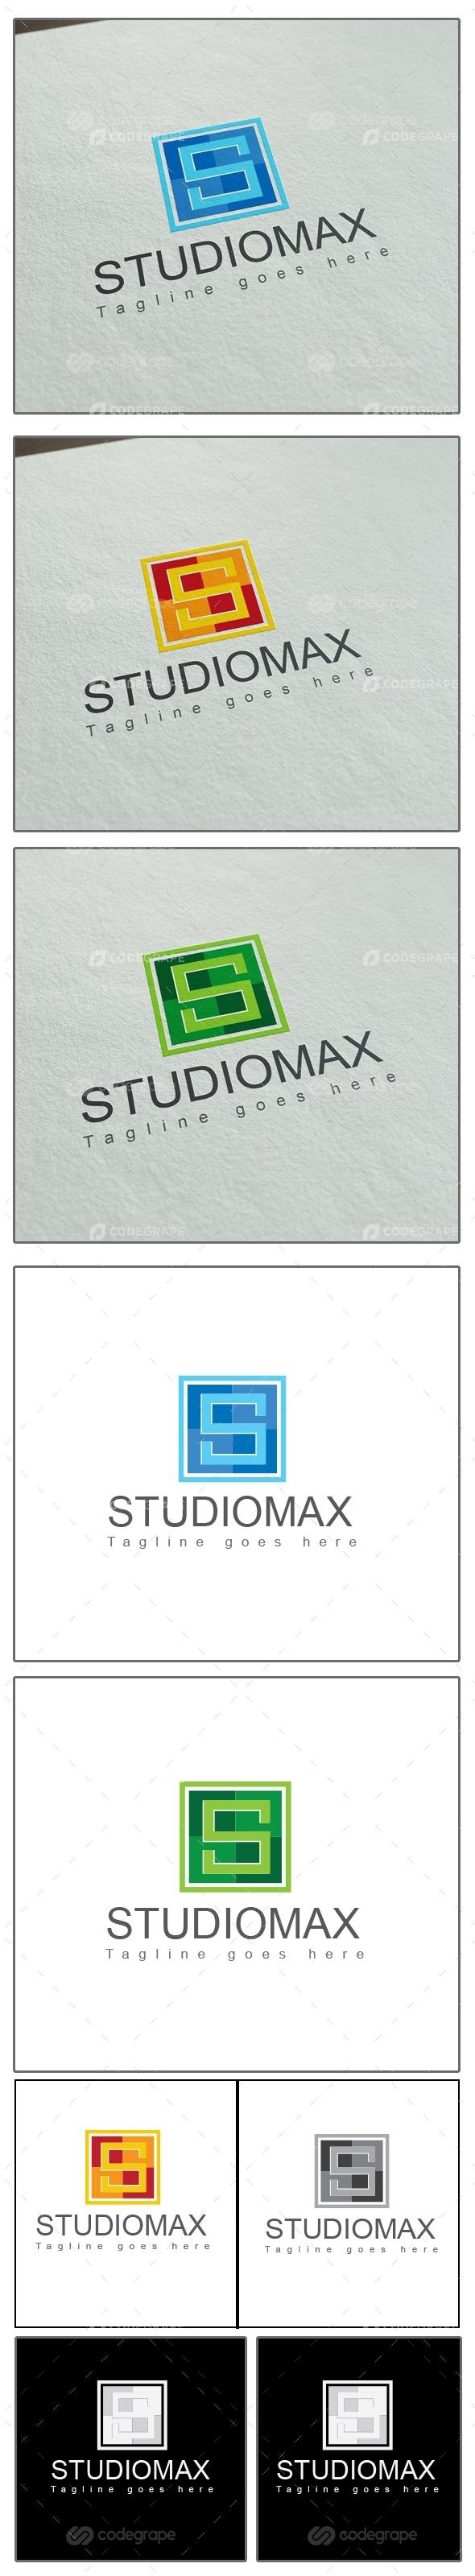 Studiomax s Letter logo